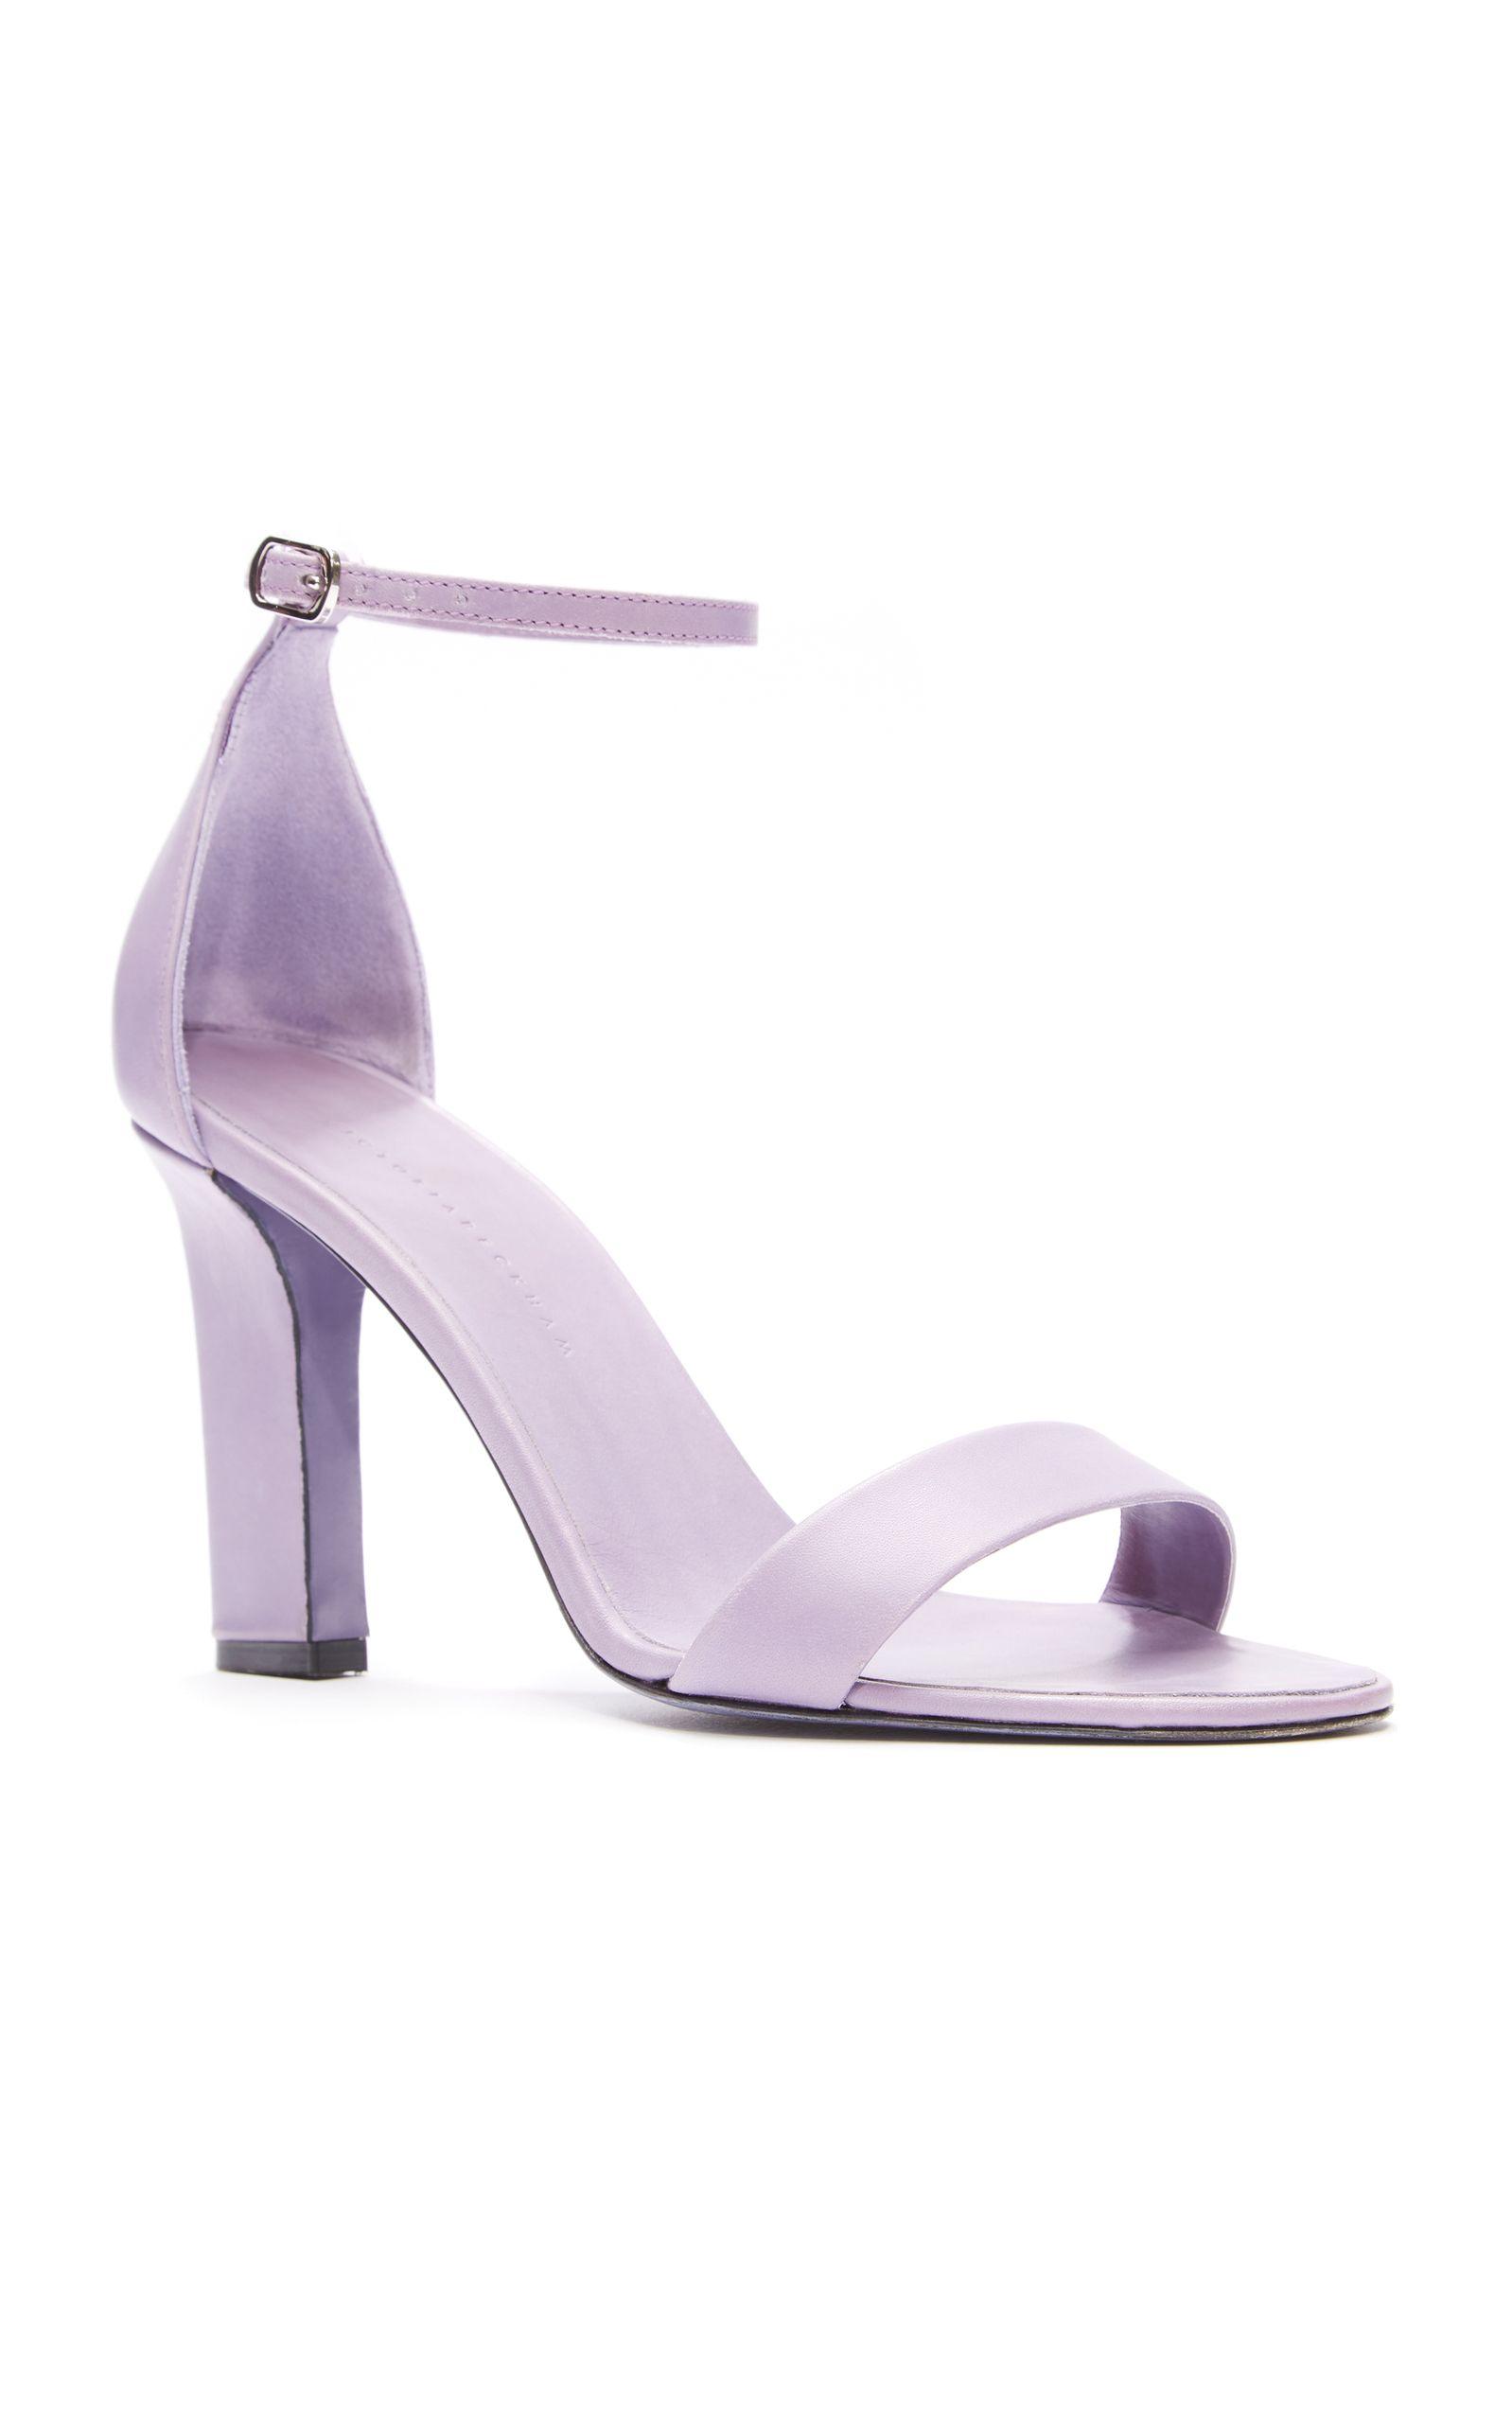 05e131f51032 Victoria Beckham Lavander shoes SS18